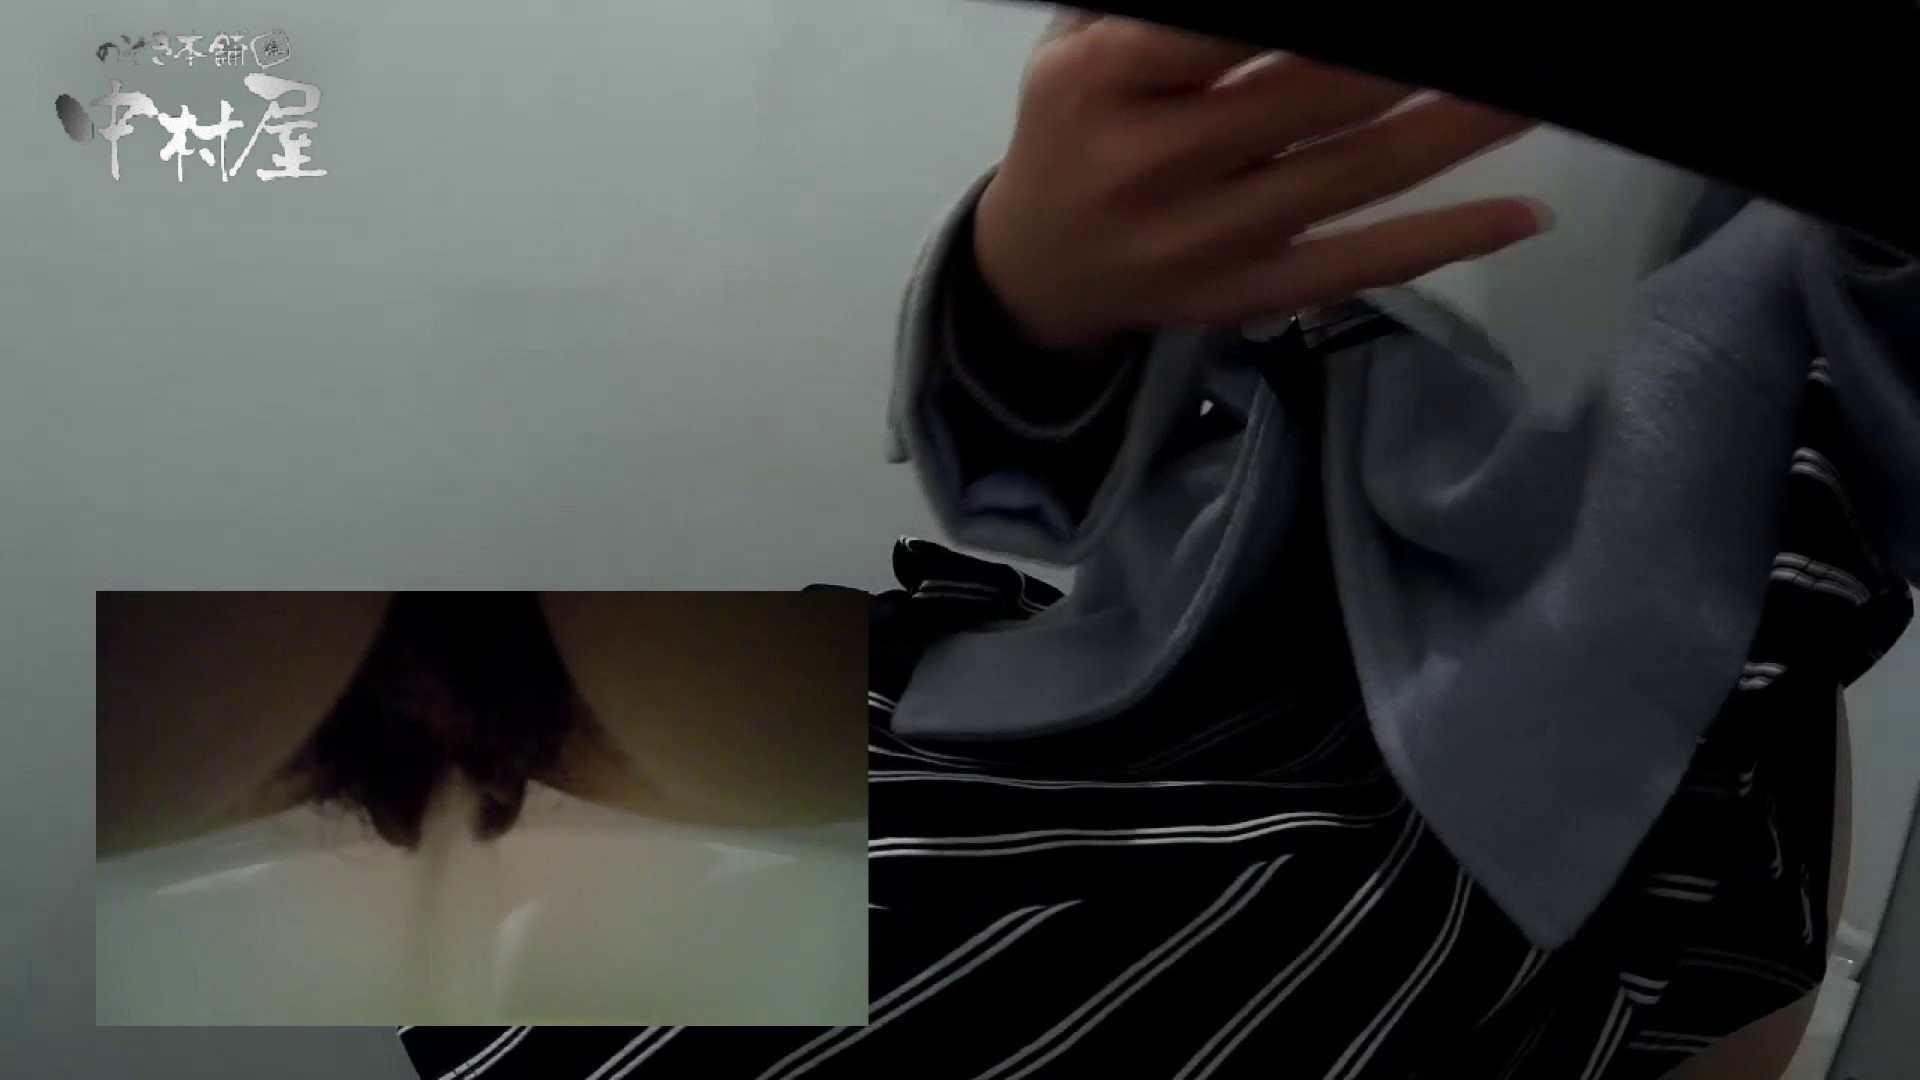 ハメ撮り|有名大学女性洗面所 vol.57 S級美女マルチアングル撮り!!|のぞき本舗 中村屋